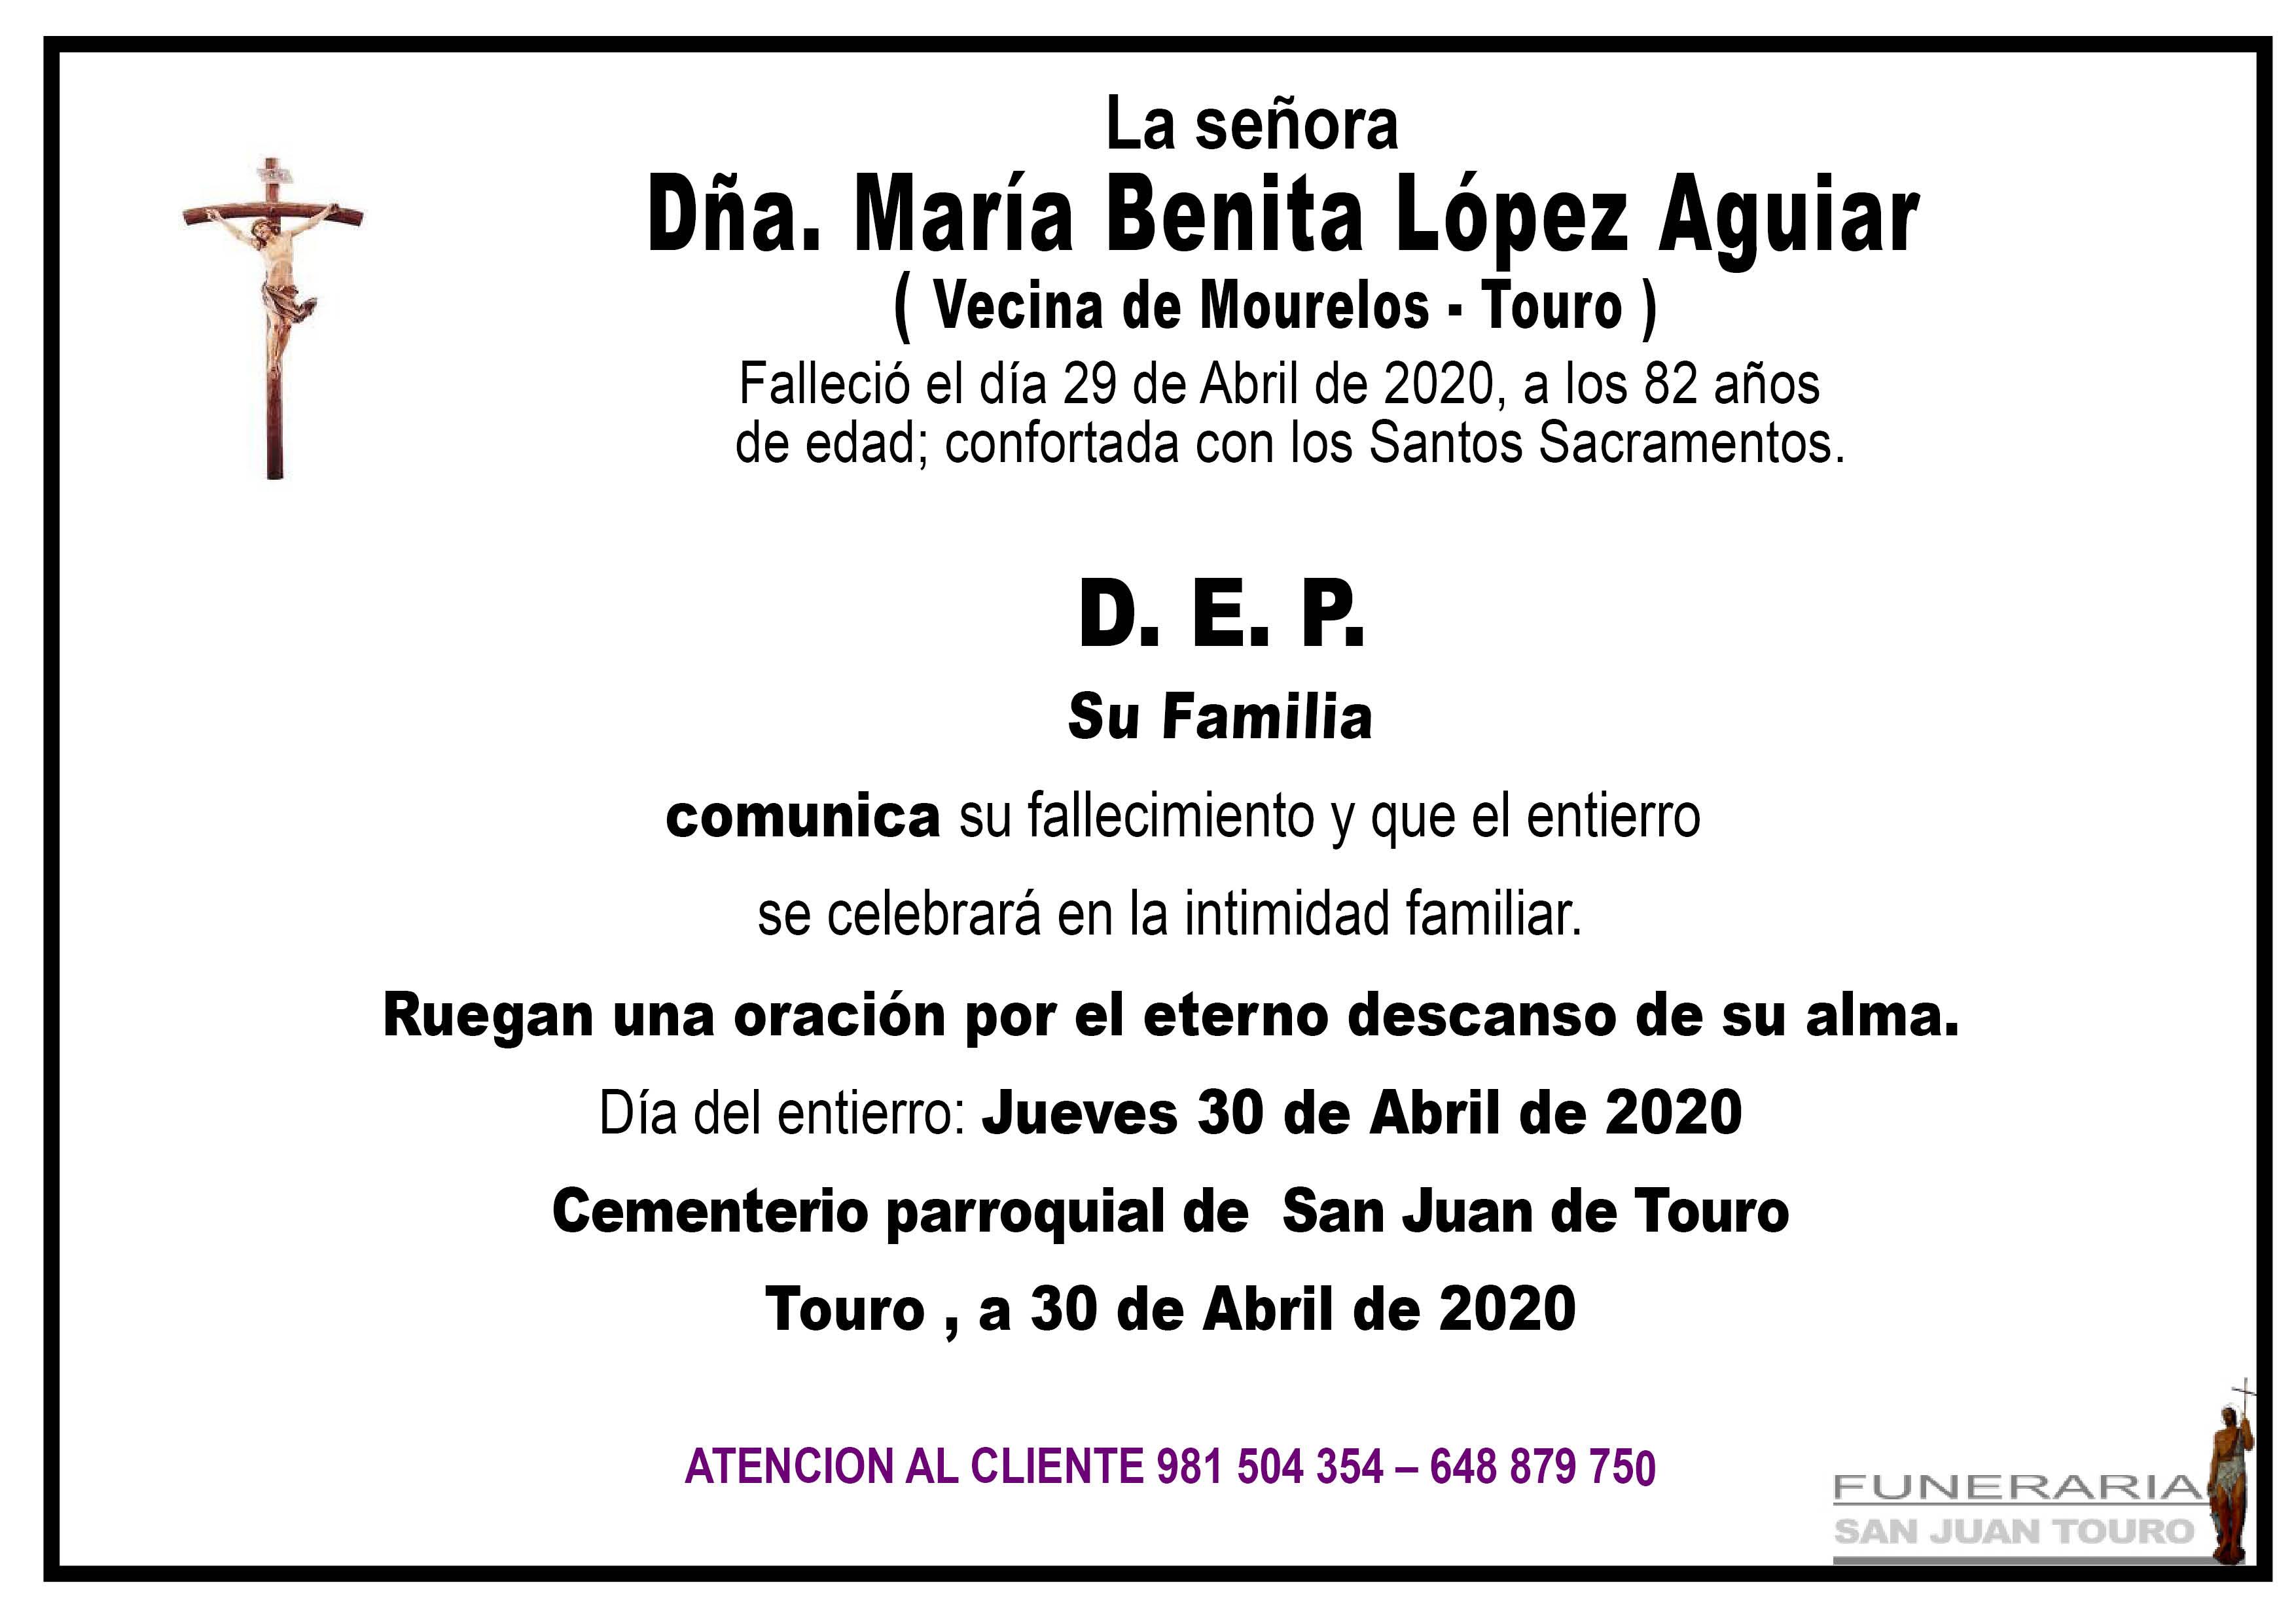 Esquela de SEPELIO DE DOÑA MARIA BENITA LOPEZ AGUIAR